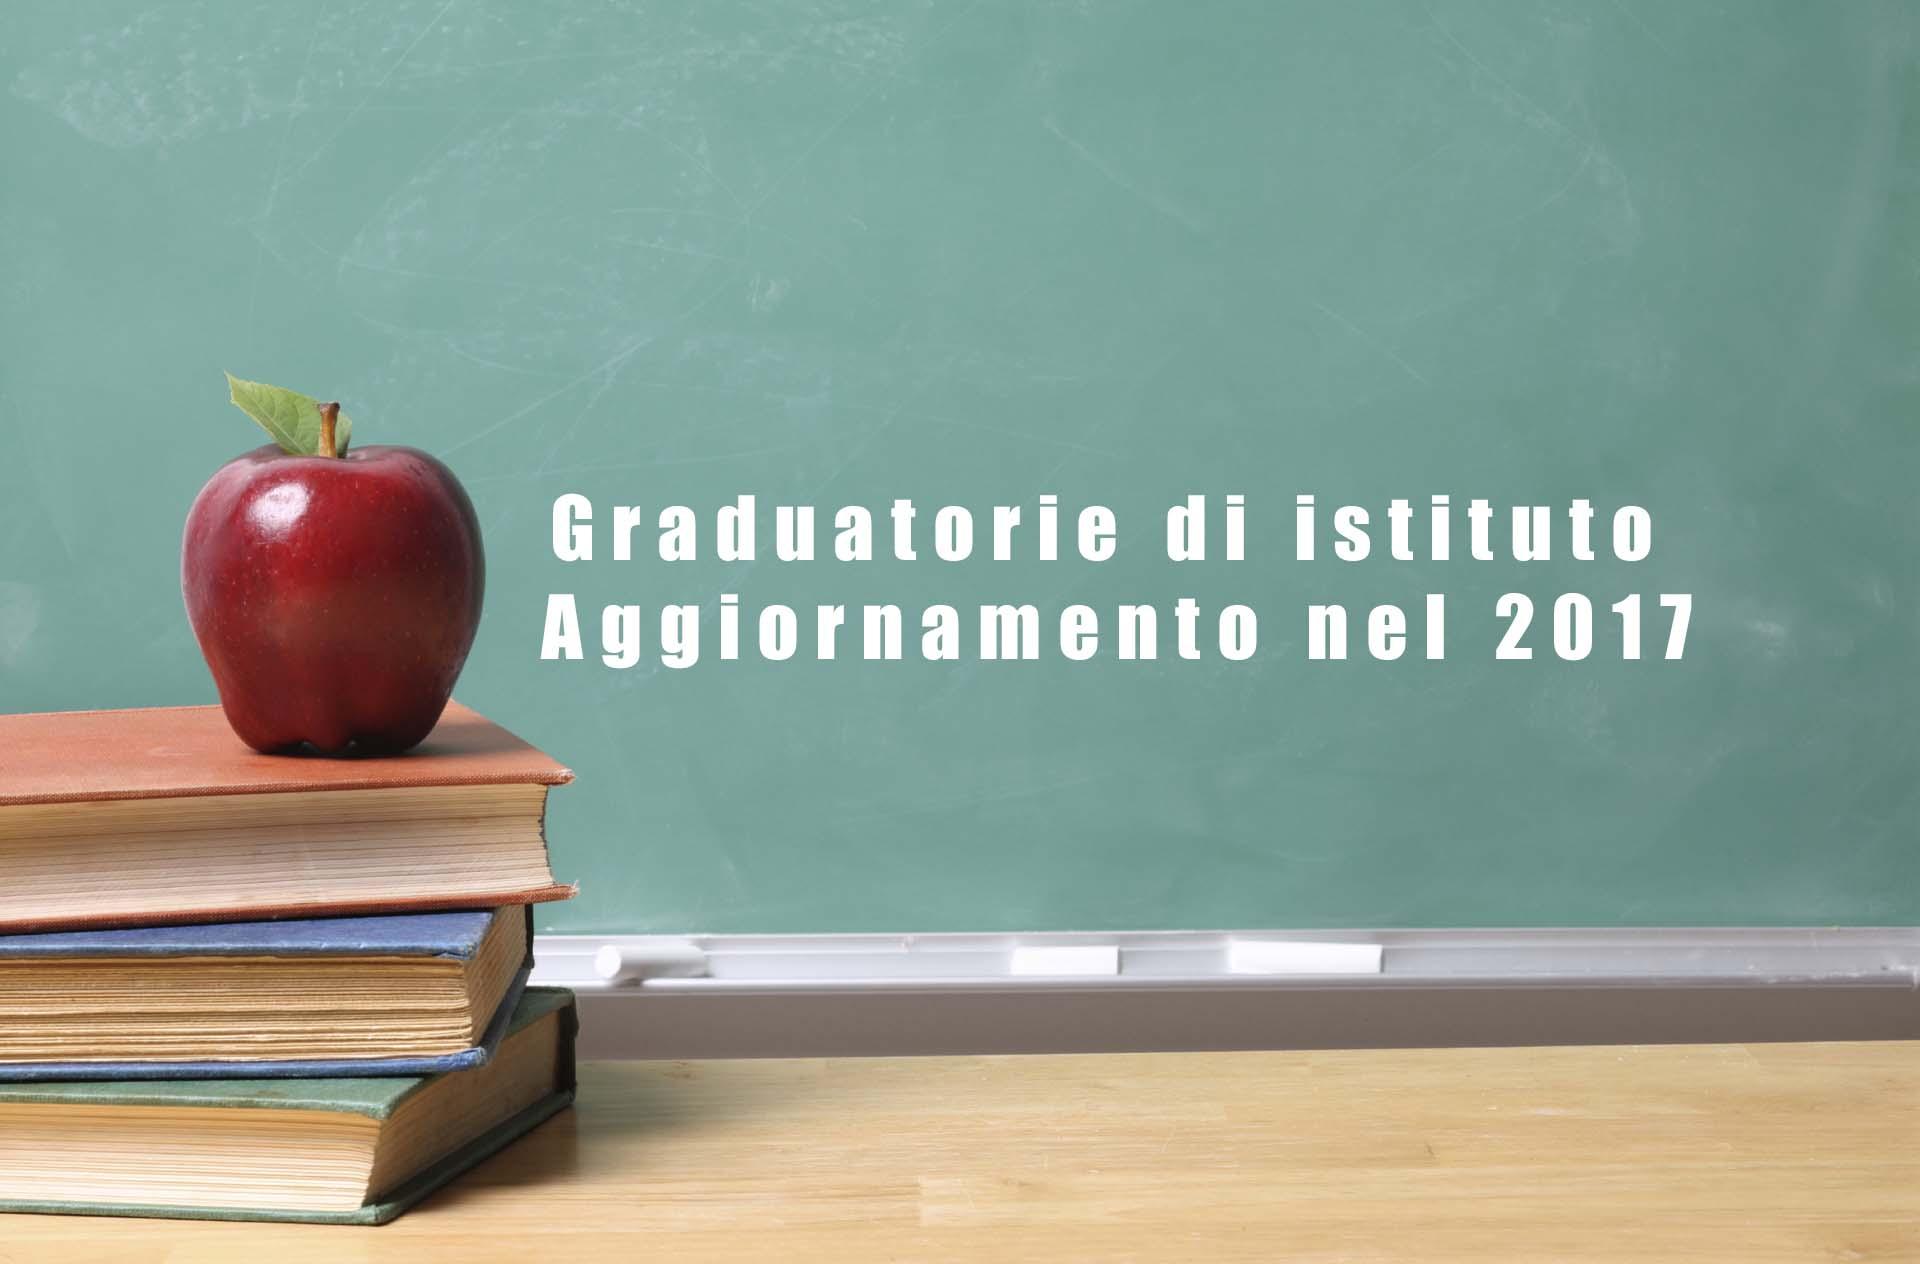 Graduatorie di istituto aggiornamento nel 2017: come ottenere punteggi aggiuntivi.